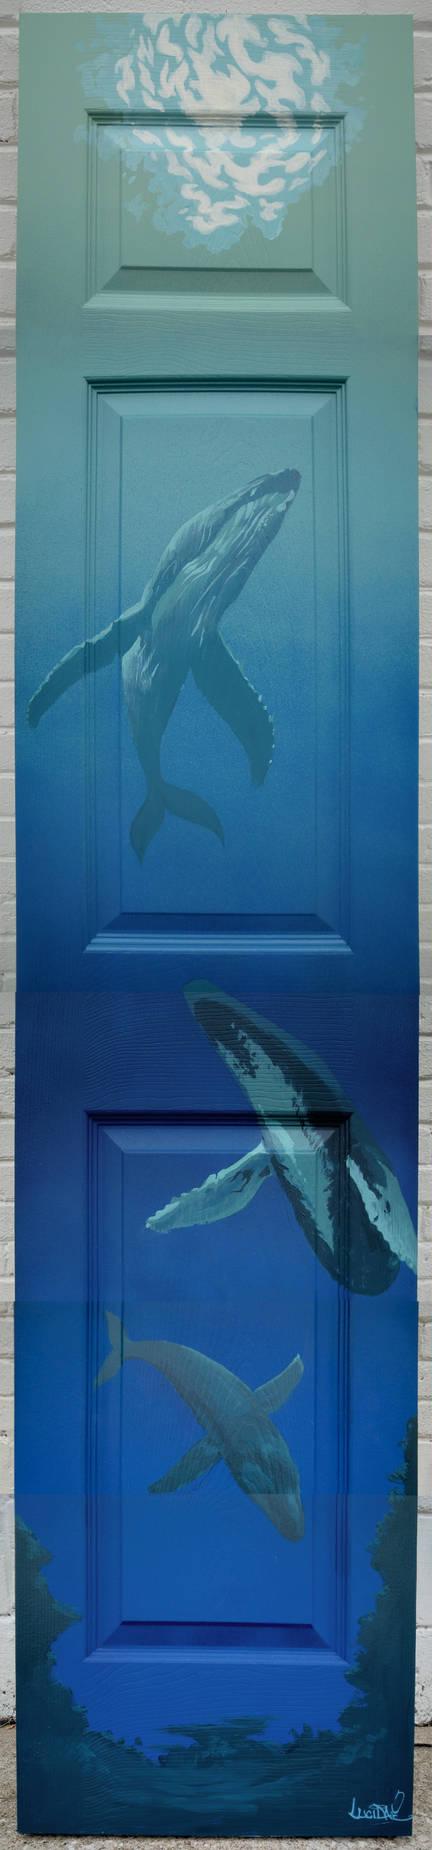 humpback whales on door panel